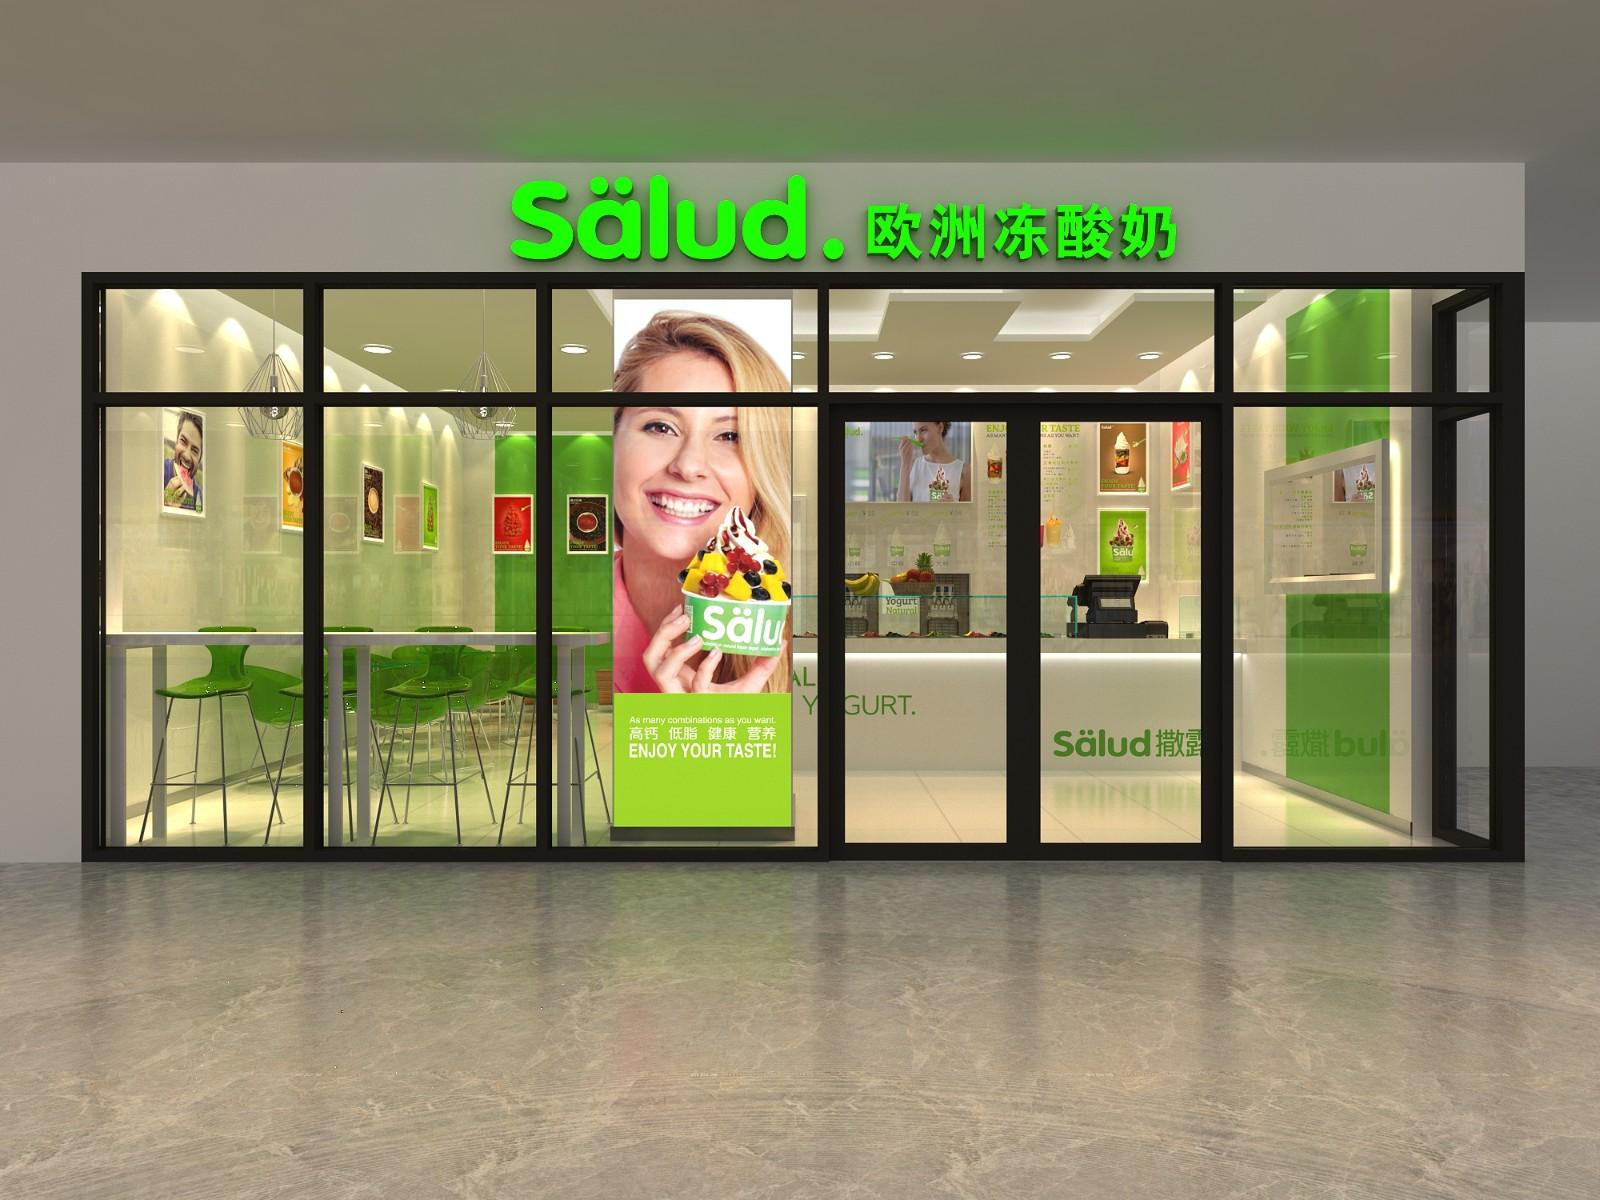 salud撒露冻酸奶店